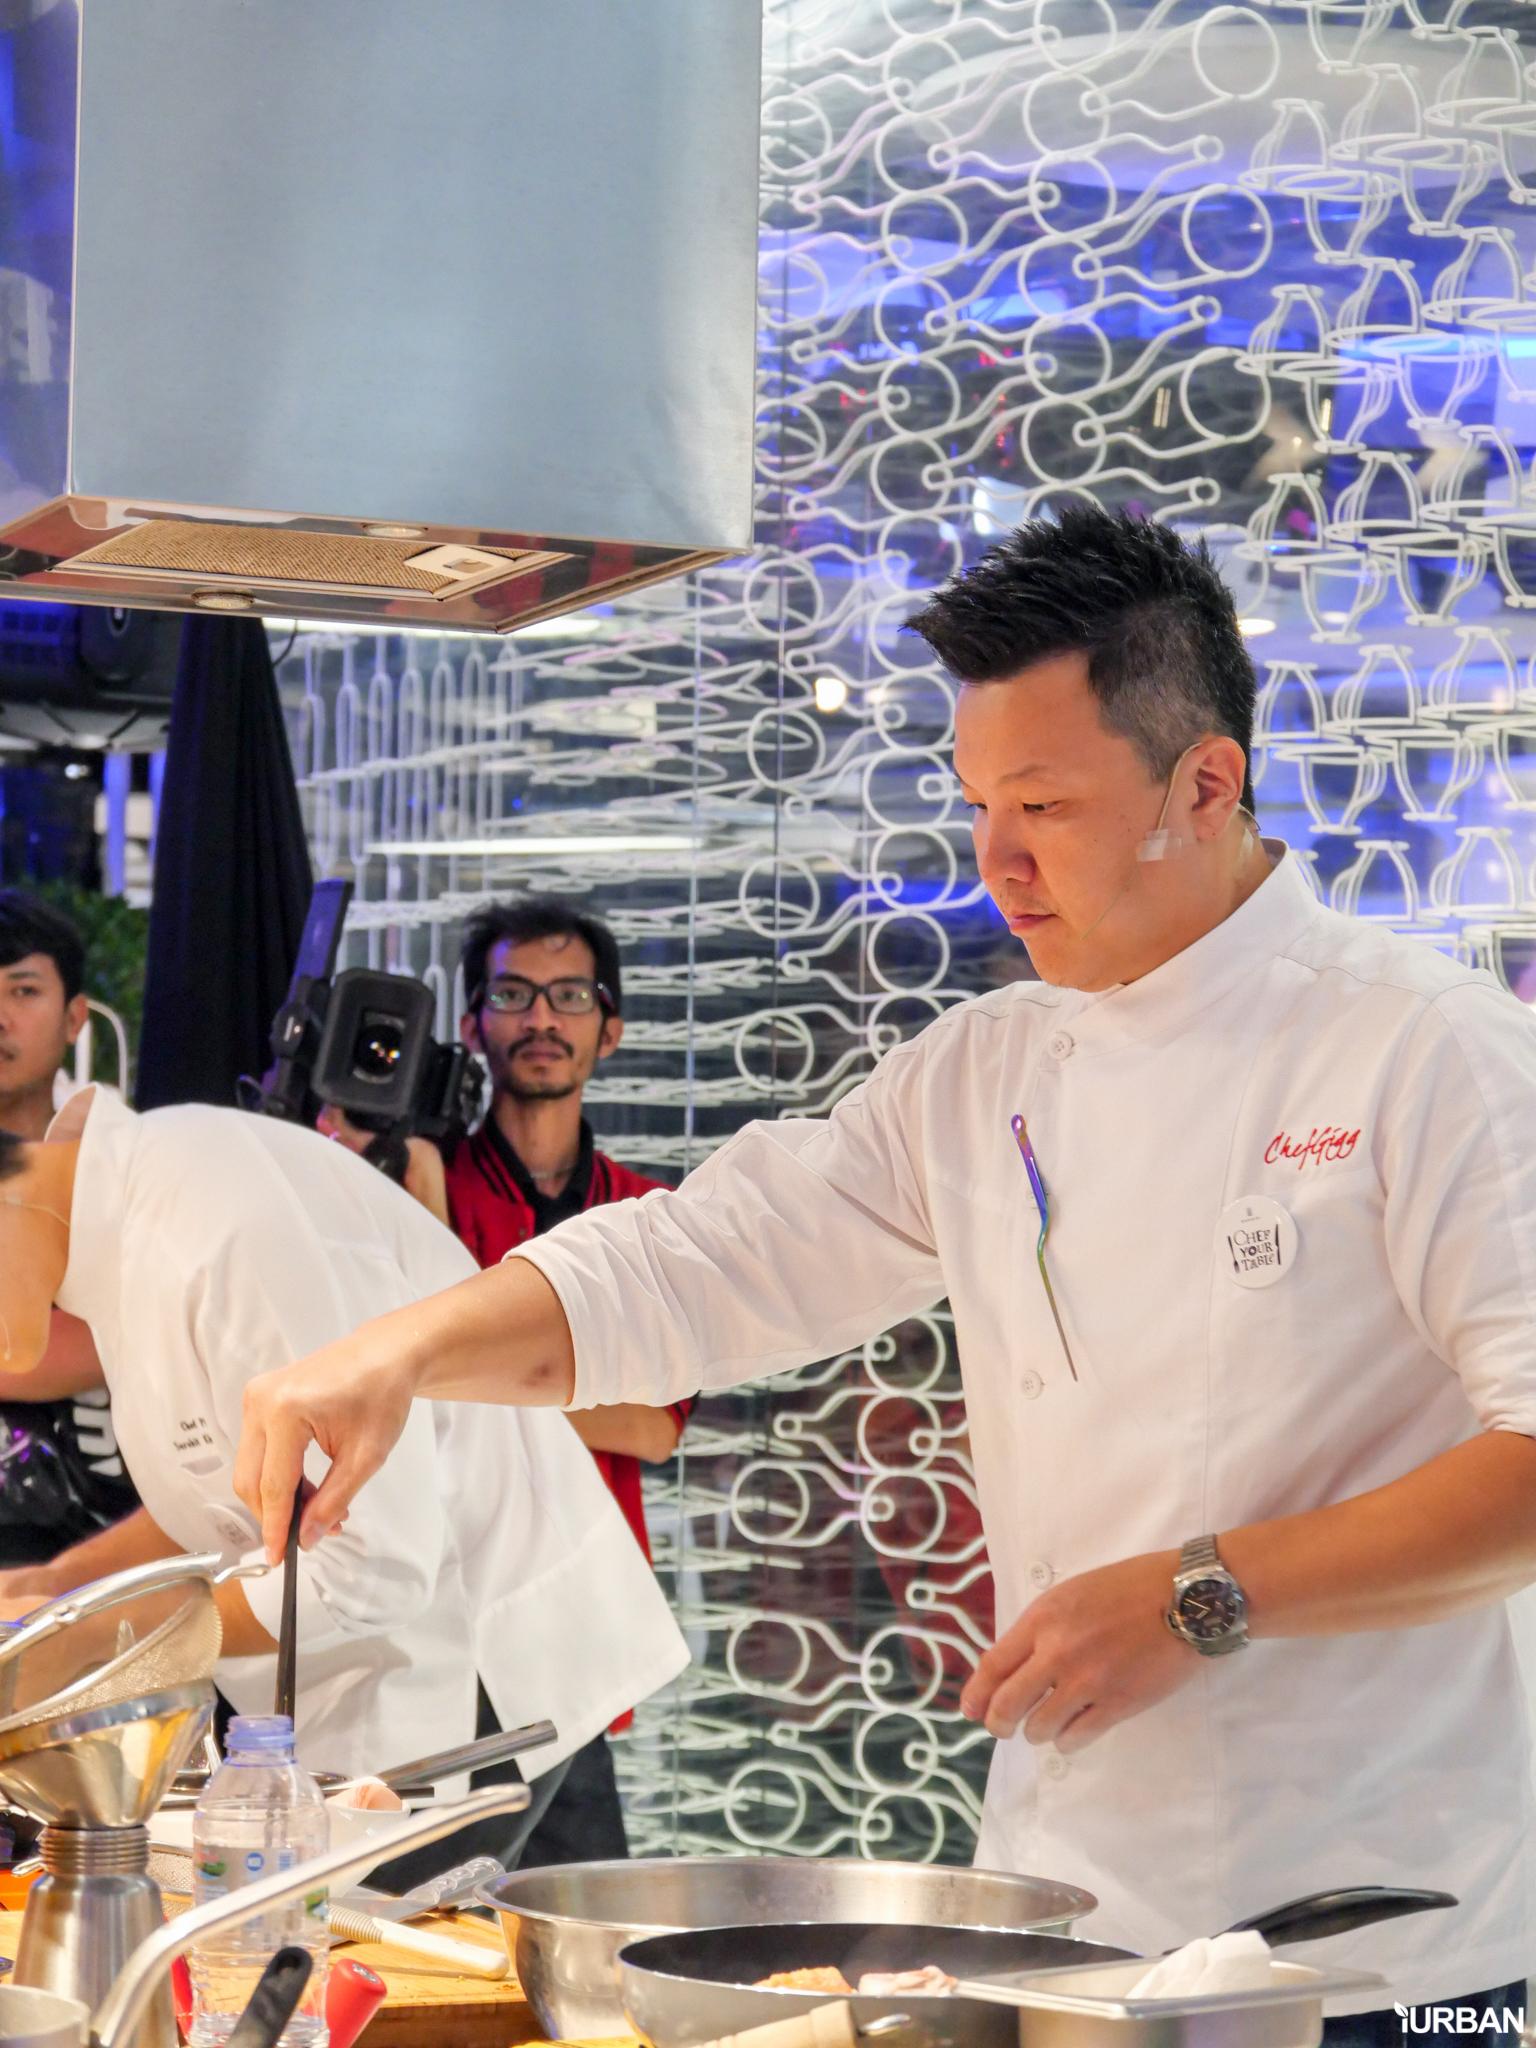 """สร้างช่วงเวลาสุดพิเศษไปกับ """"Sansiri Chef Your Table"""" ที่ให้คุณได้ลิ้มรสอาหารฝีมือเชฟระดับประเทศถึงบ้านคุณ! 22 - Chef"""